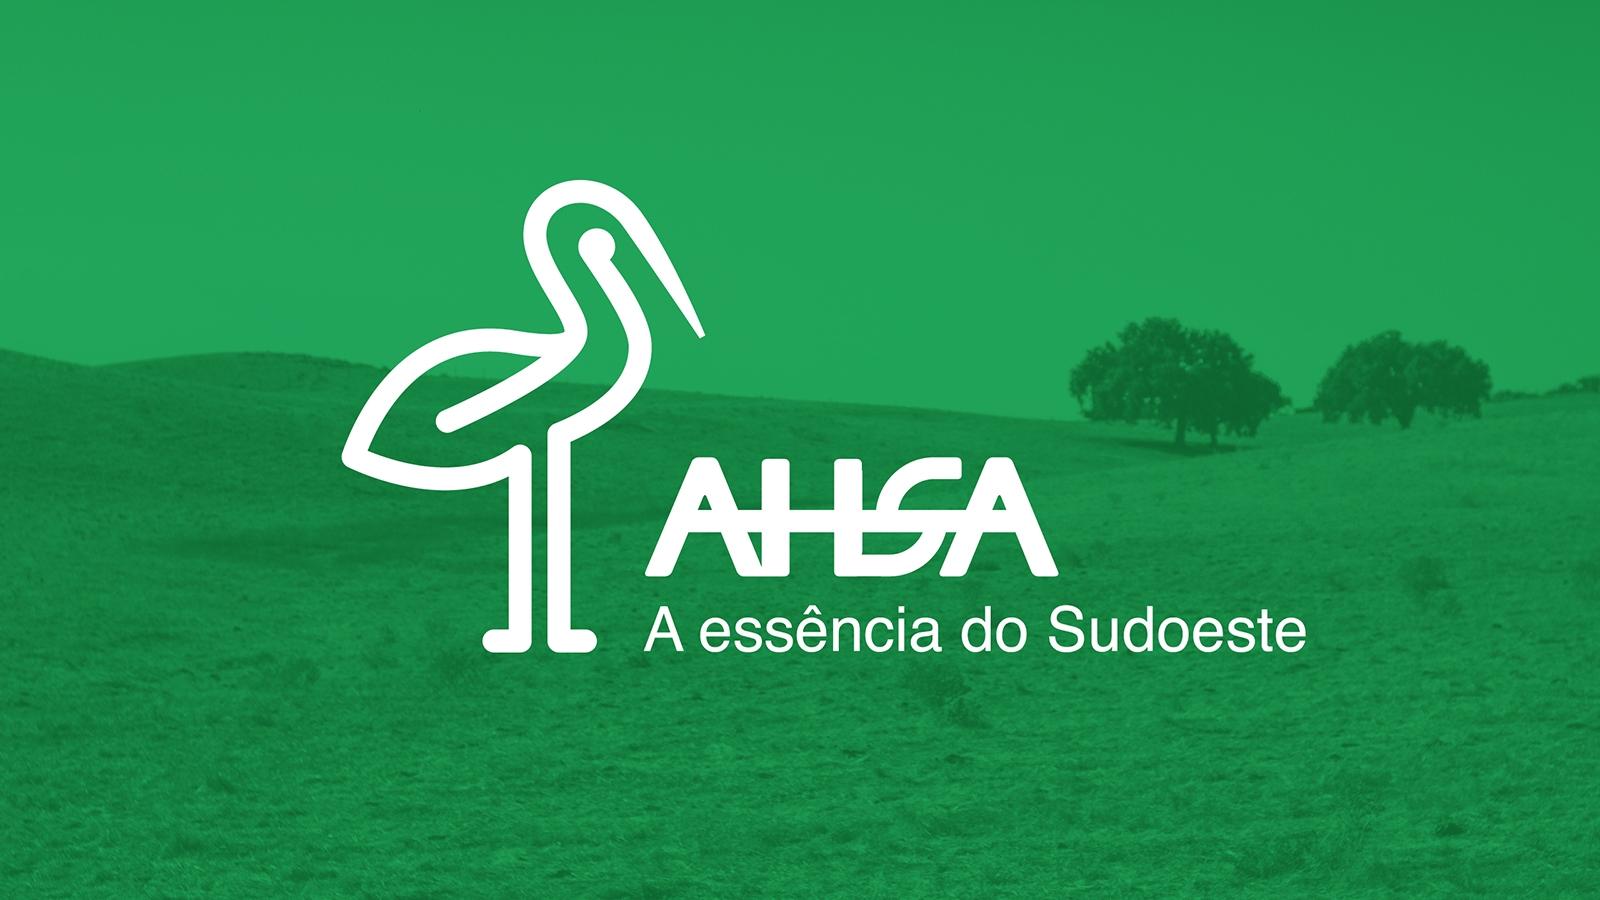 AHSA_Nova imagem